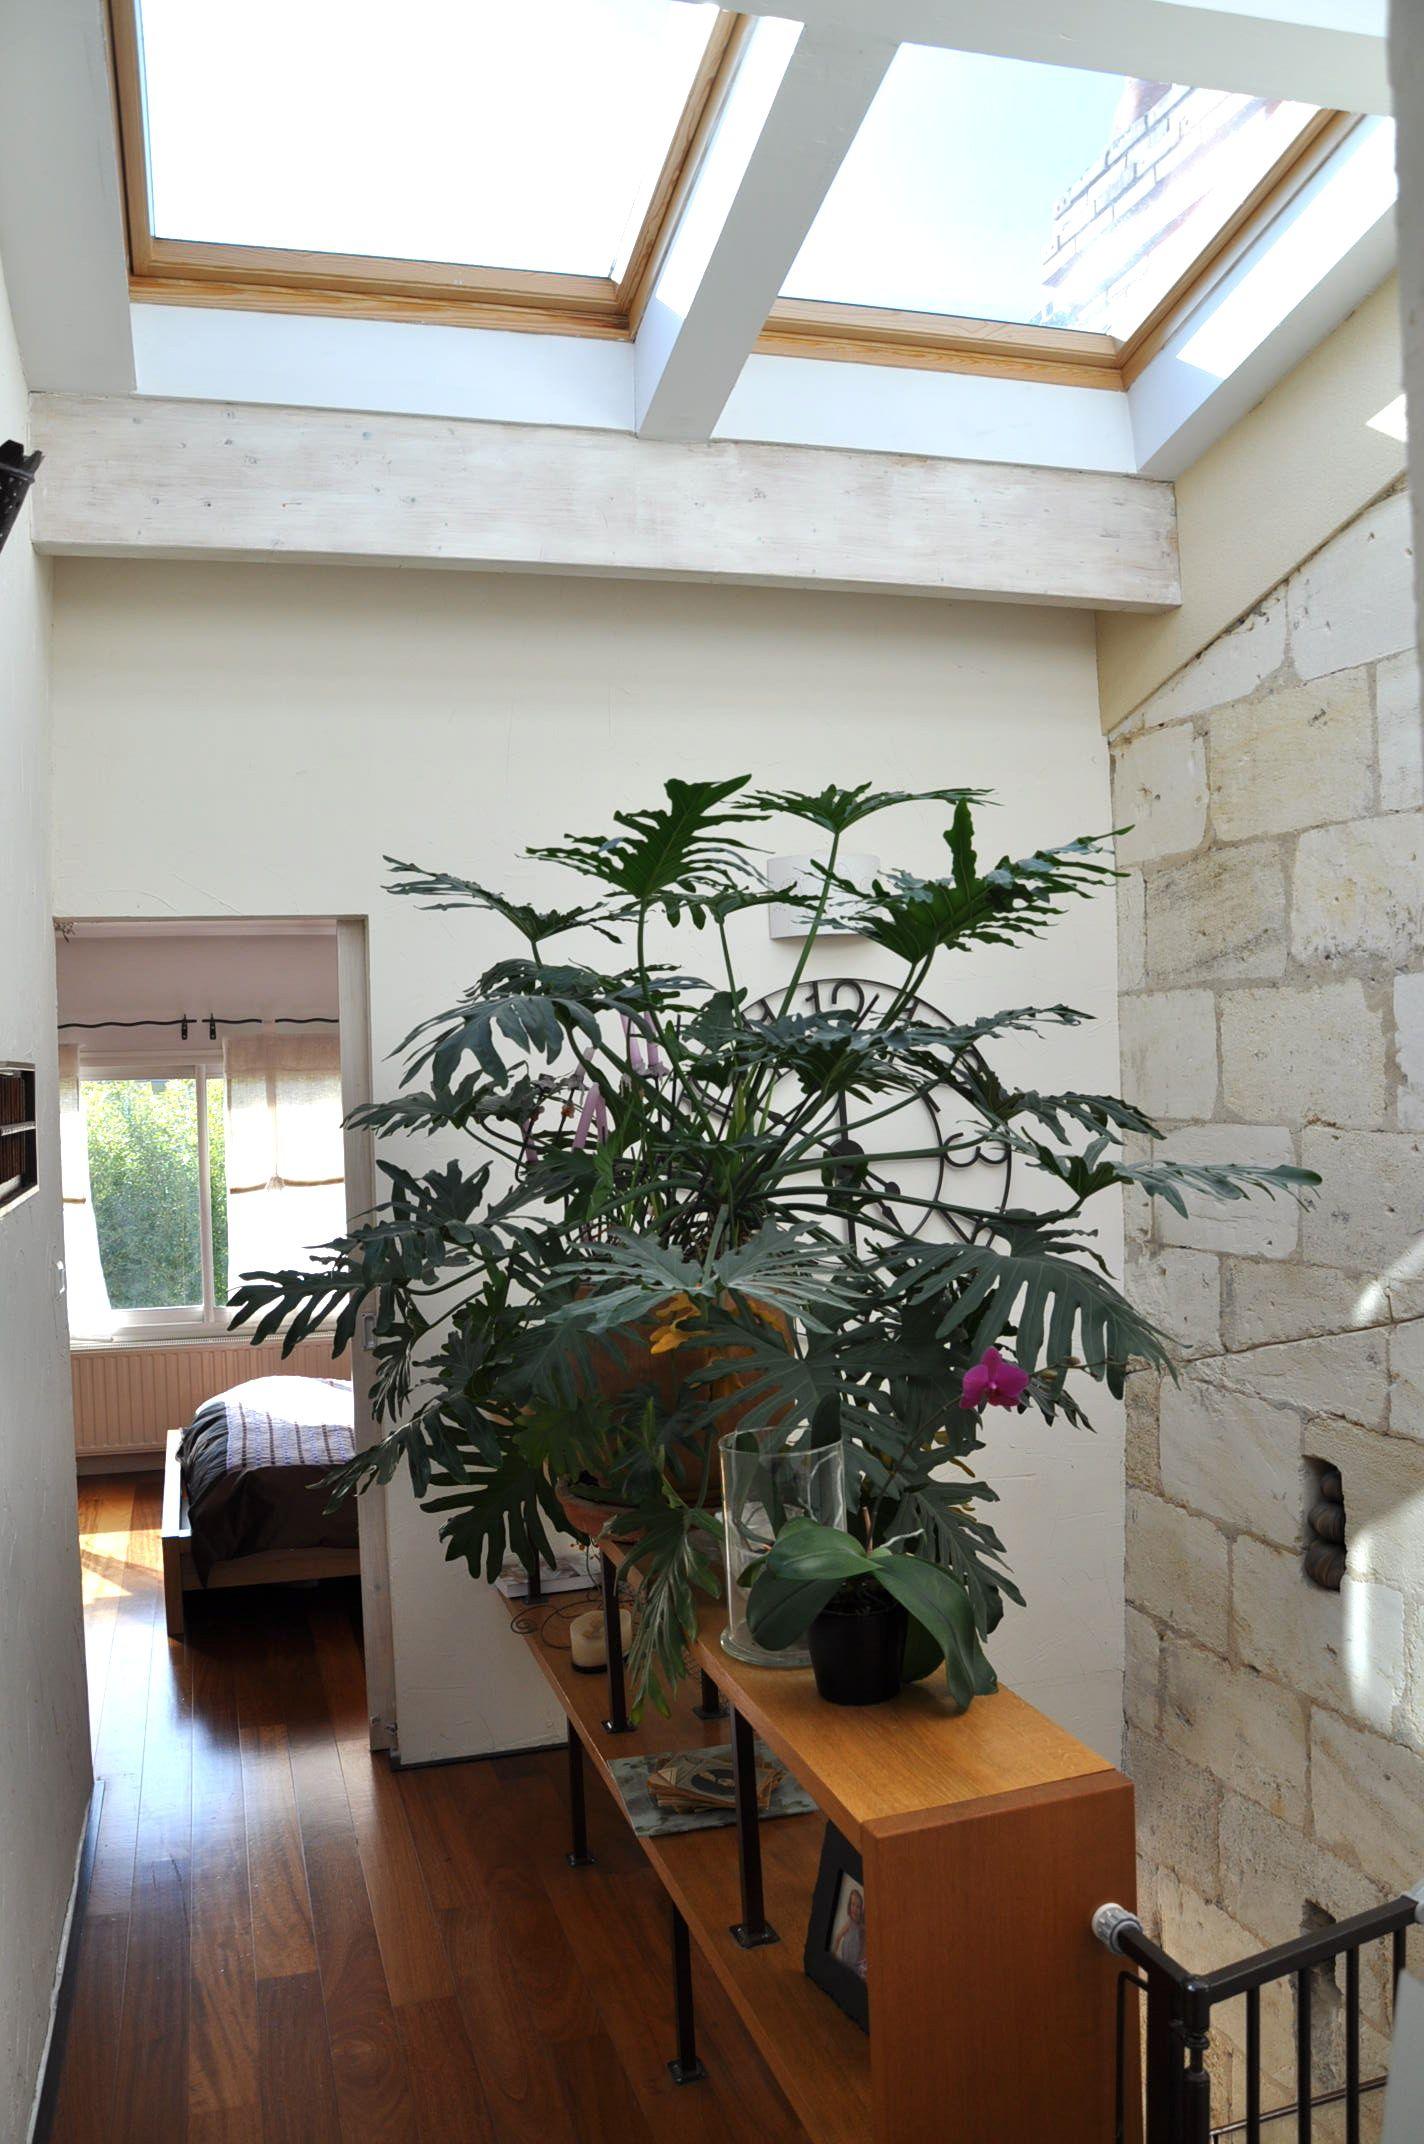 les 25 meilleures id es de la cat gorie echoppe bordeaux sur pinterest architecte bordeaux. Black Bedroom Furniture Sets. Home Design Ideas